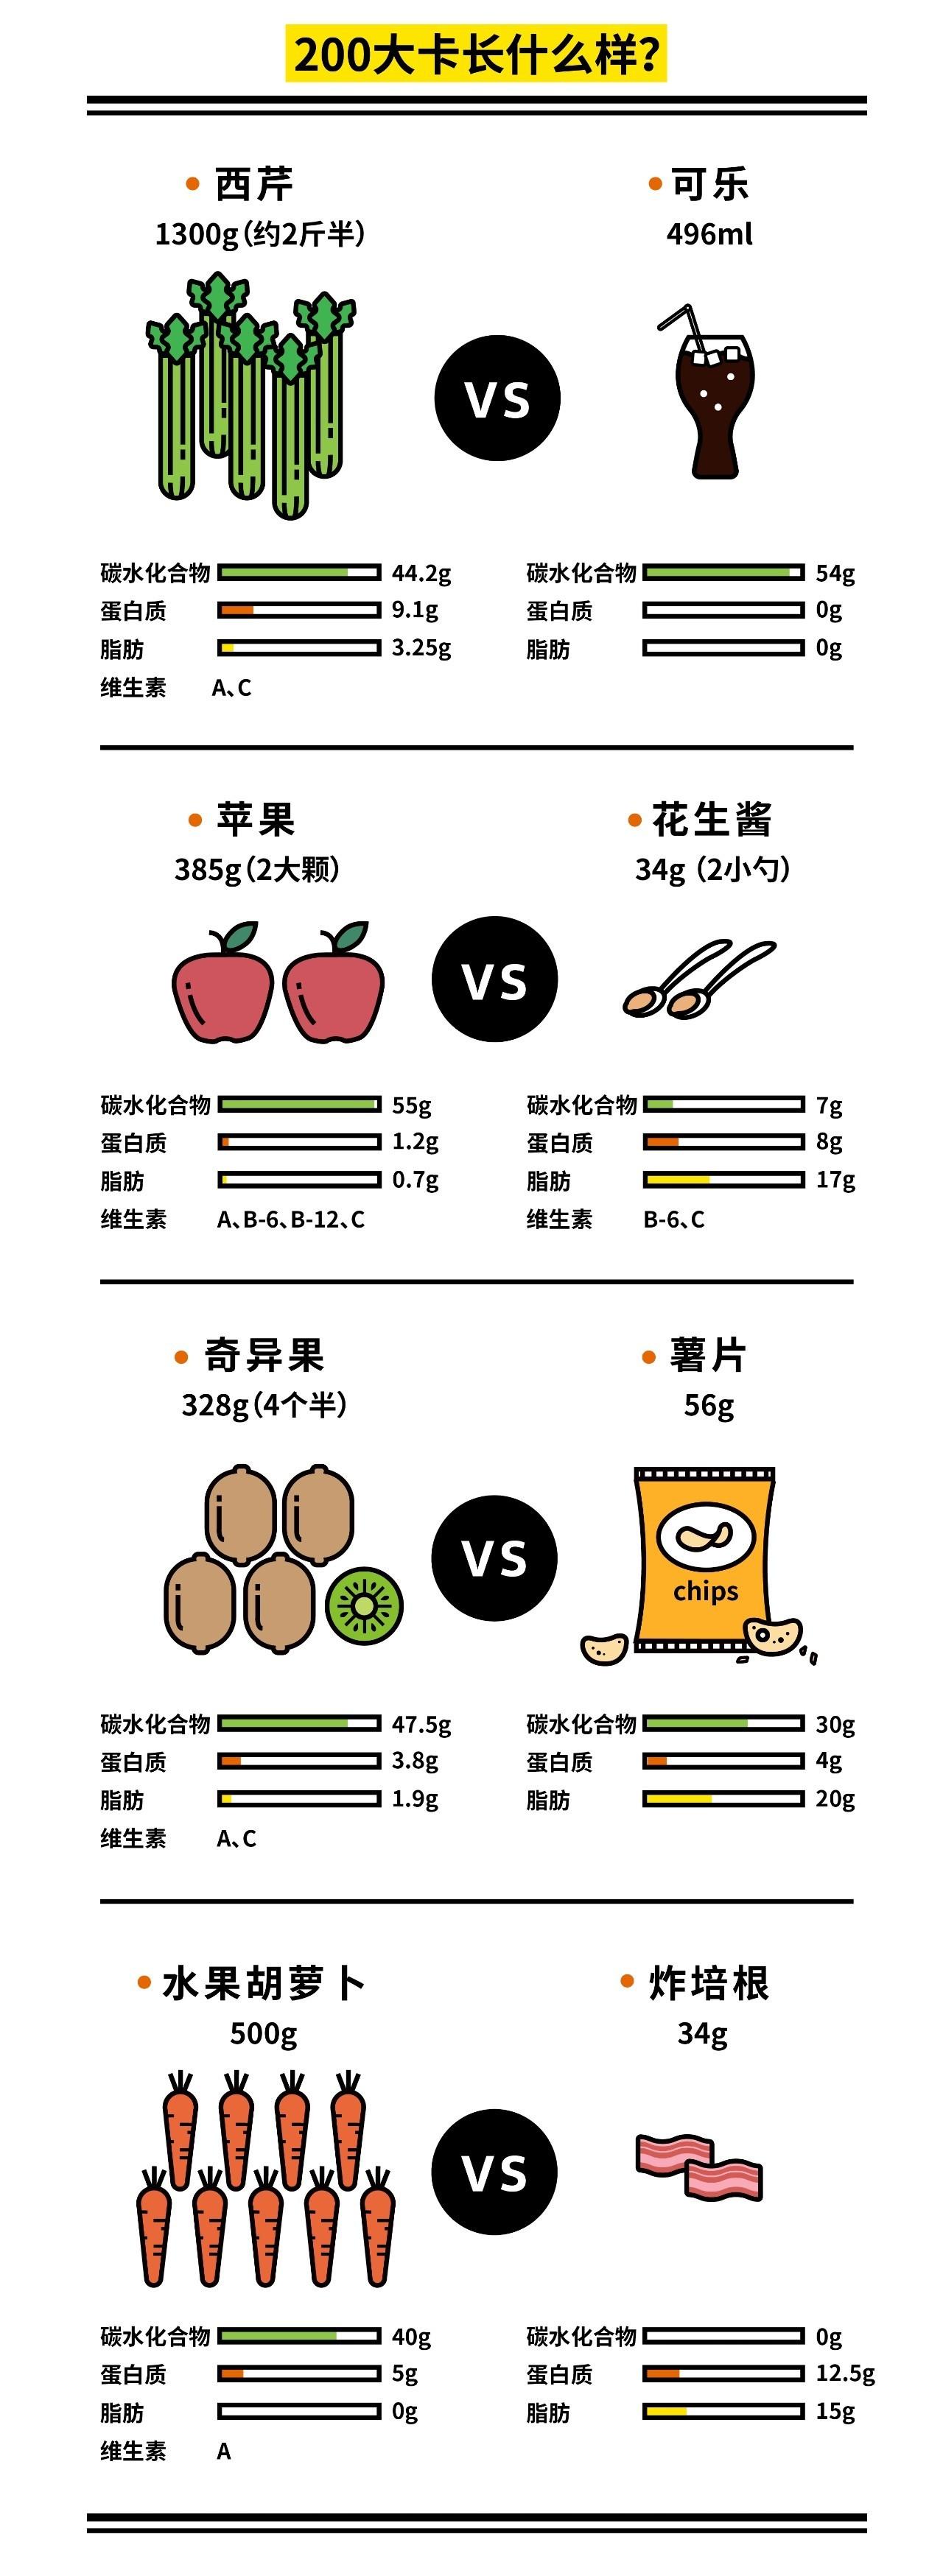 我肚子上的肉和卡路里,到底有什么关系?